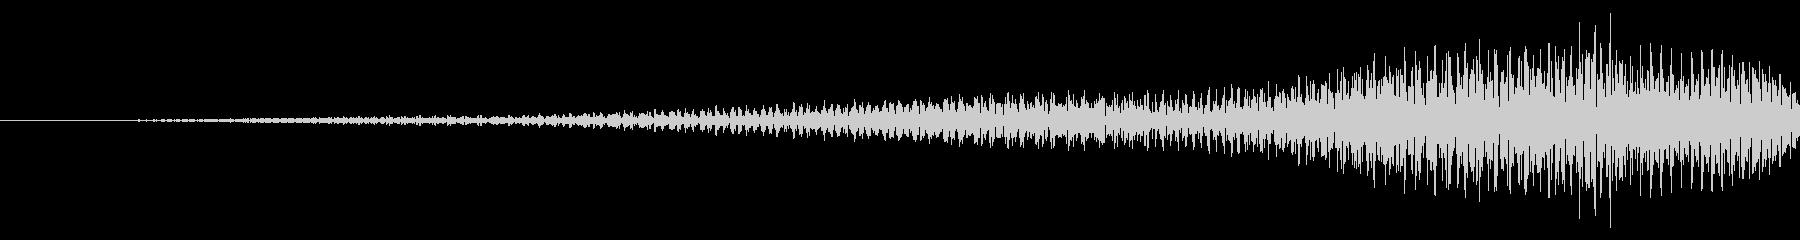 戻る/リバース/電子音の未再生の波形